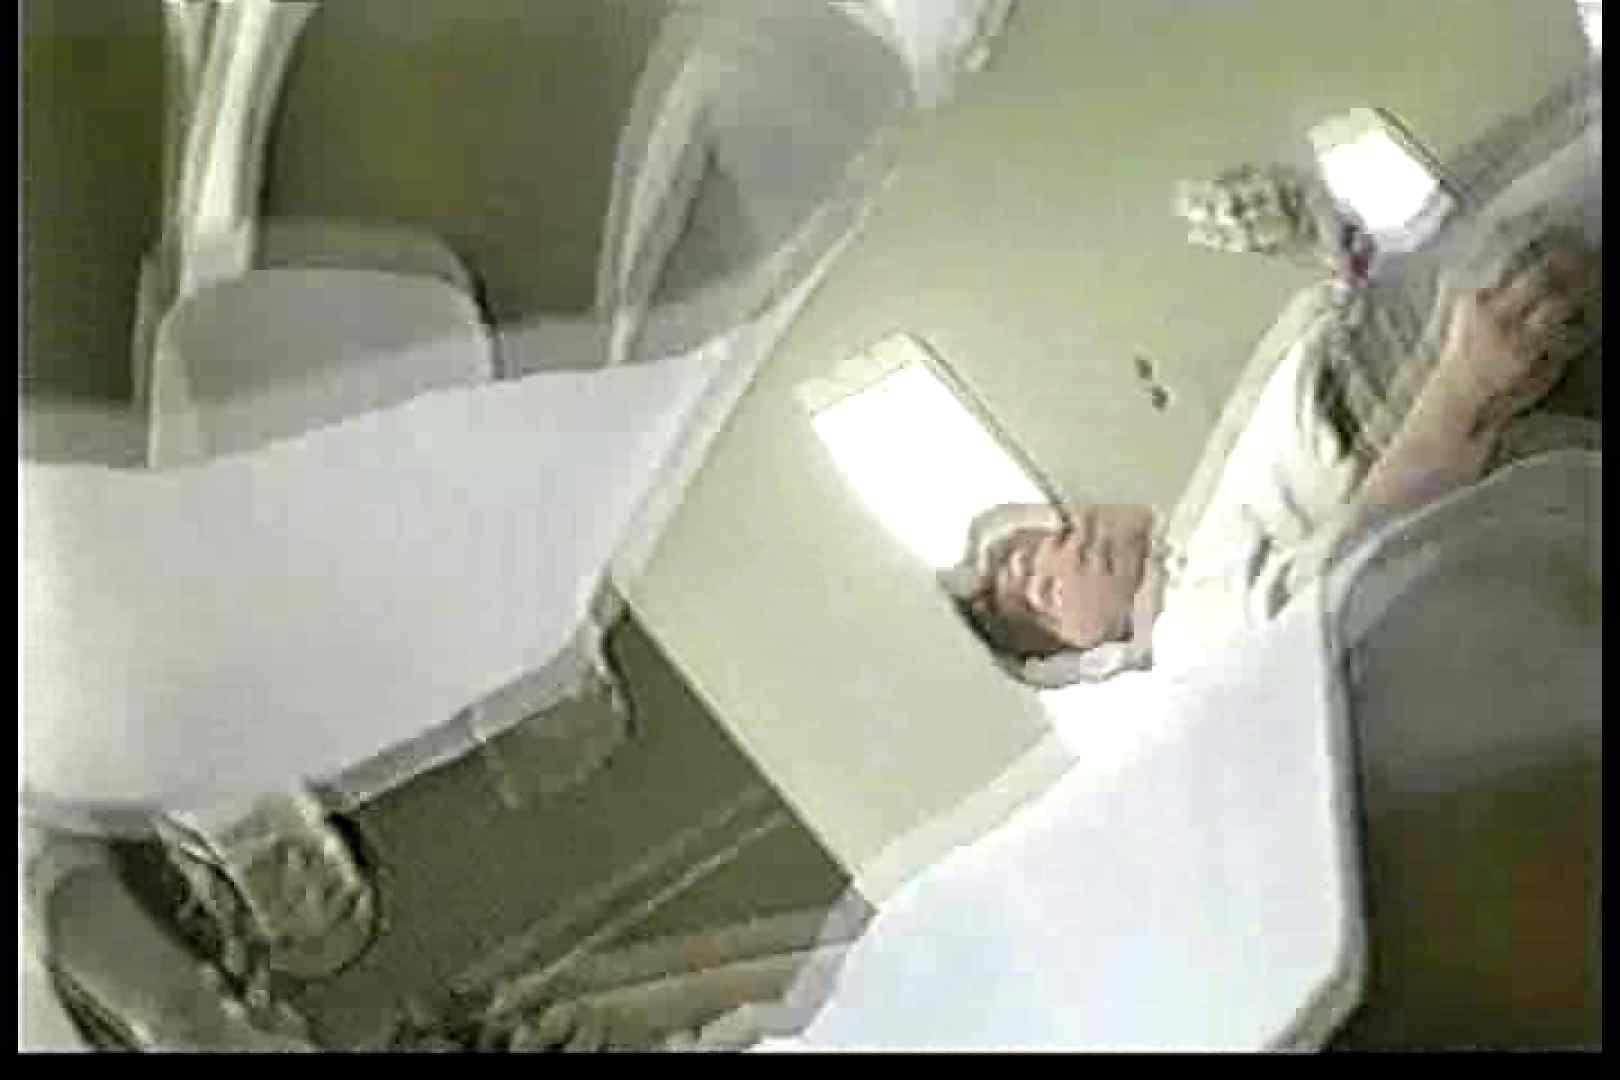 院内密着!看護婦達の下半身事情Vol.1 パンスト特集 スケベ動画紹介 104画像 56